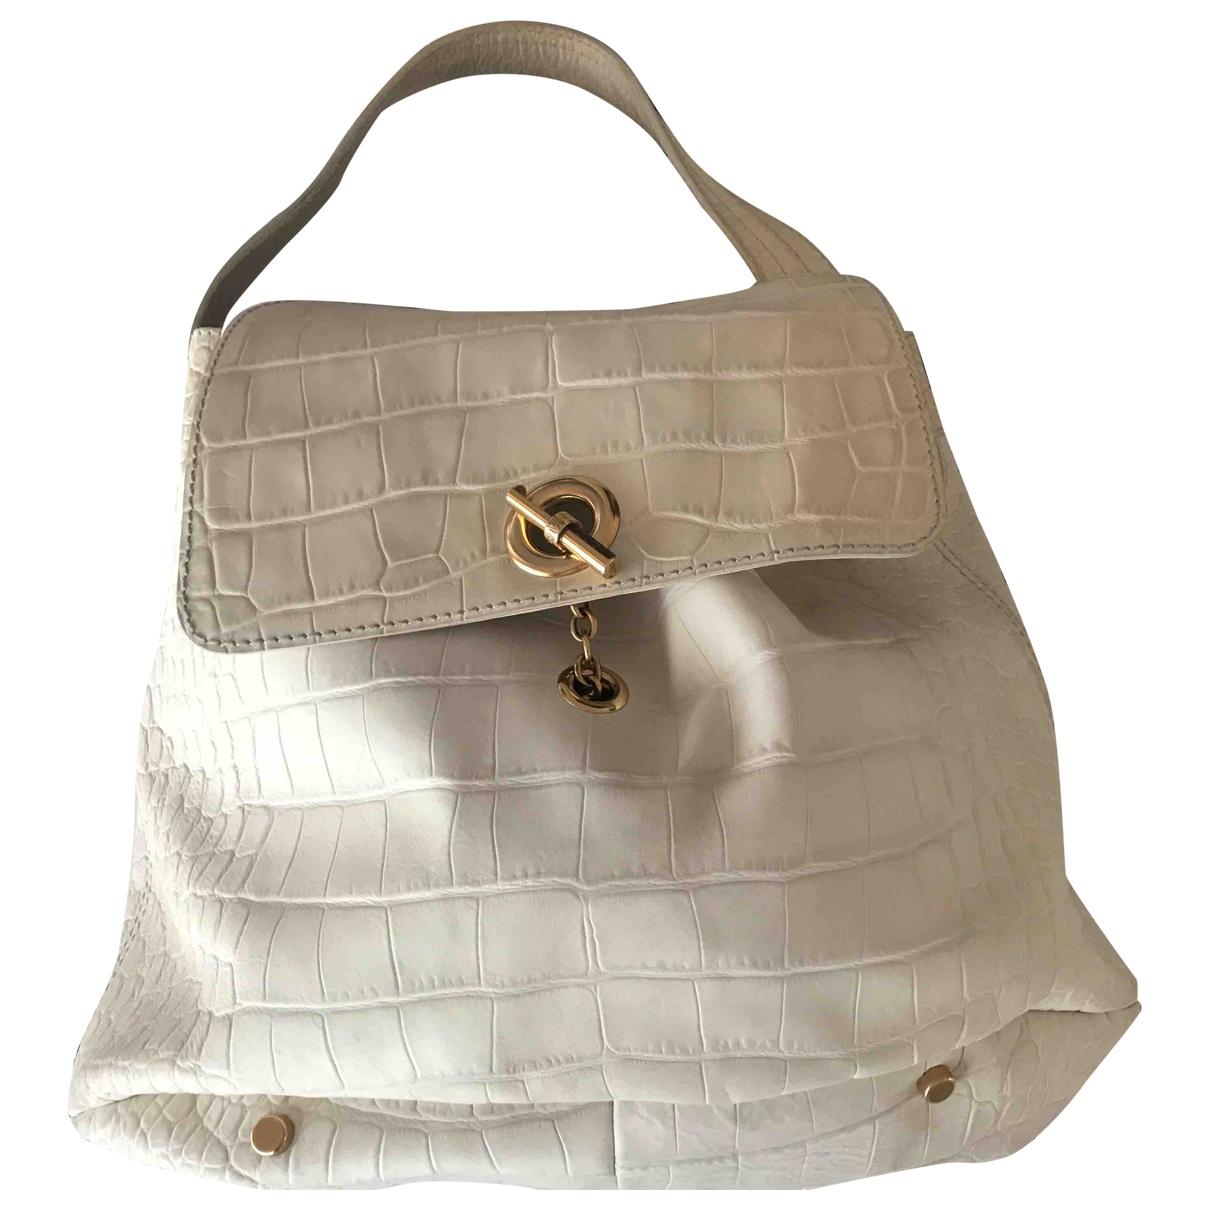 Yves Saint Laurent \N White Leather handbag for Women \N